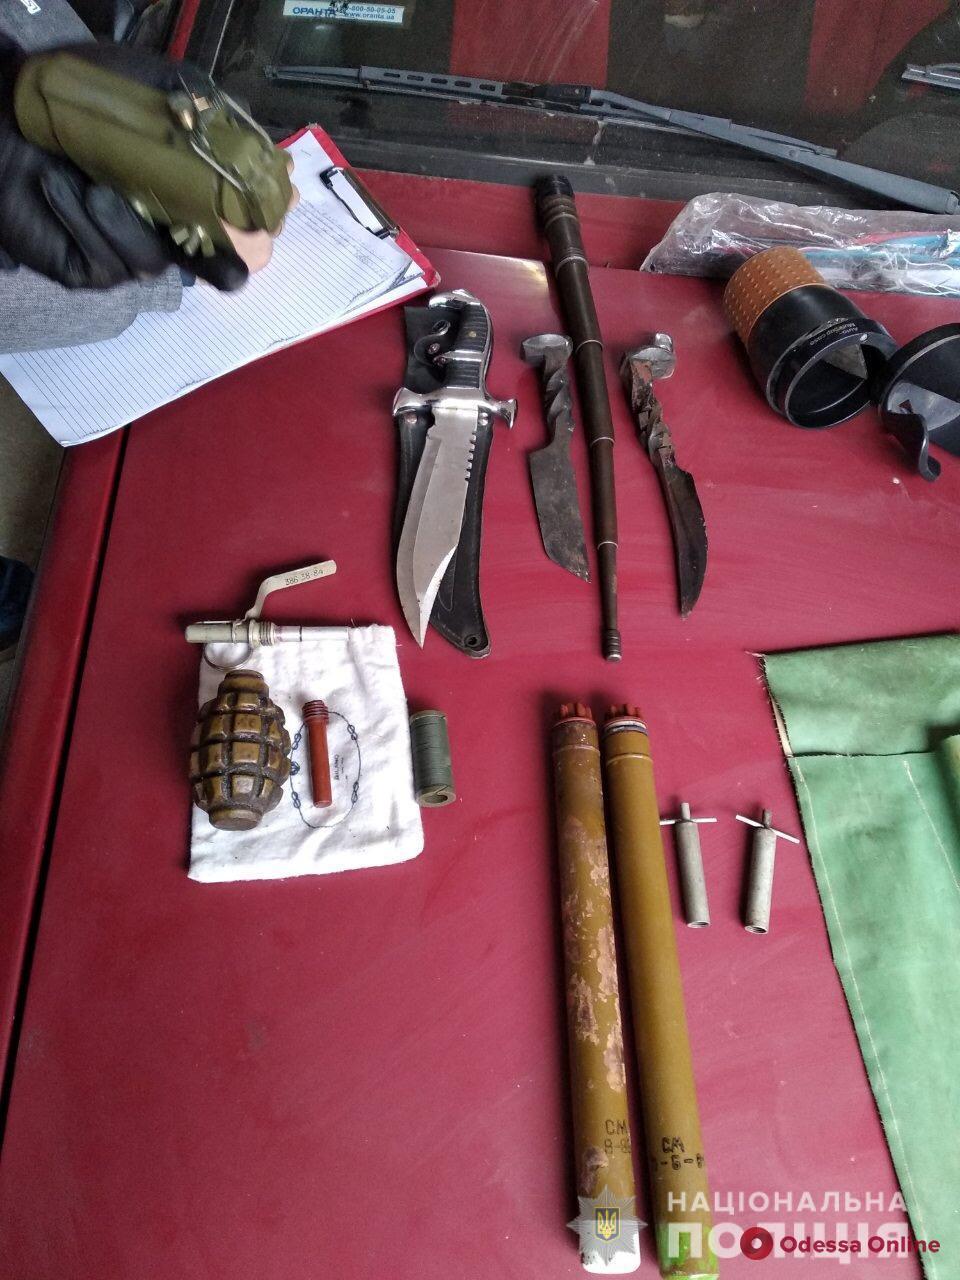 У жителя Одесской области нашли боеприпасы и наркотики